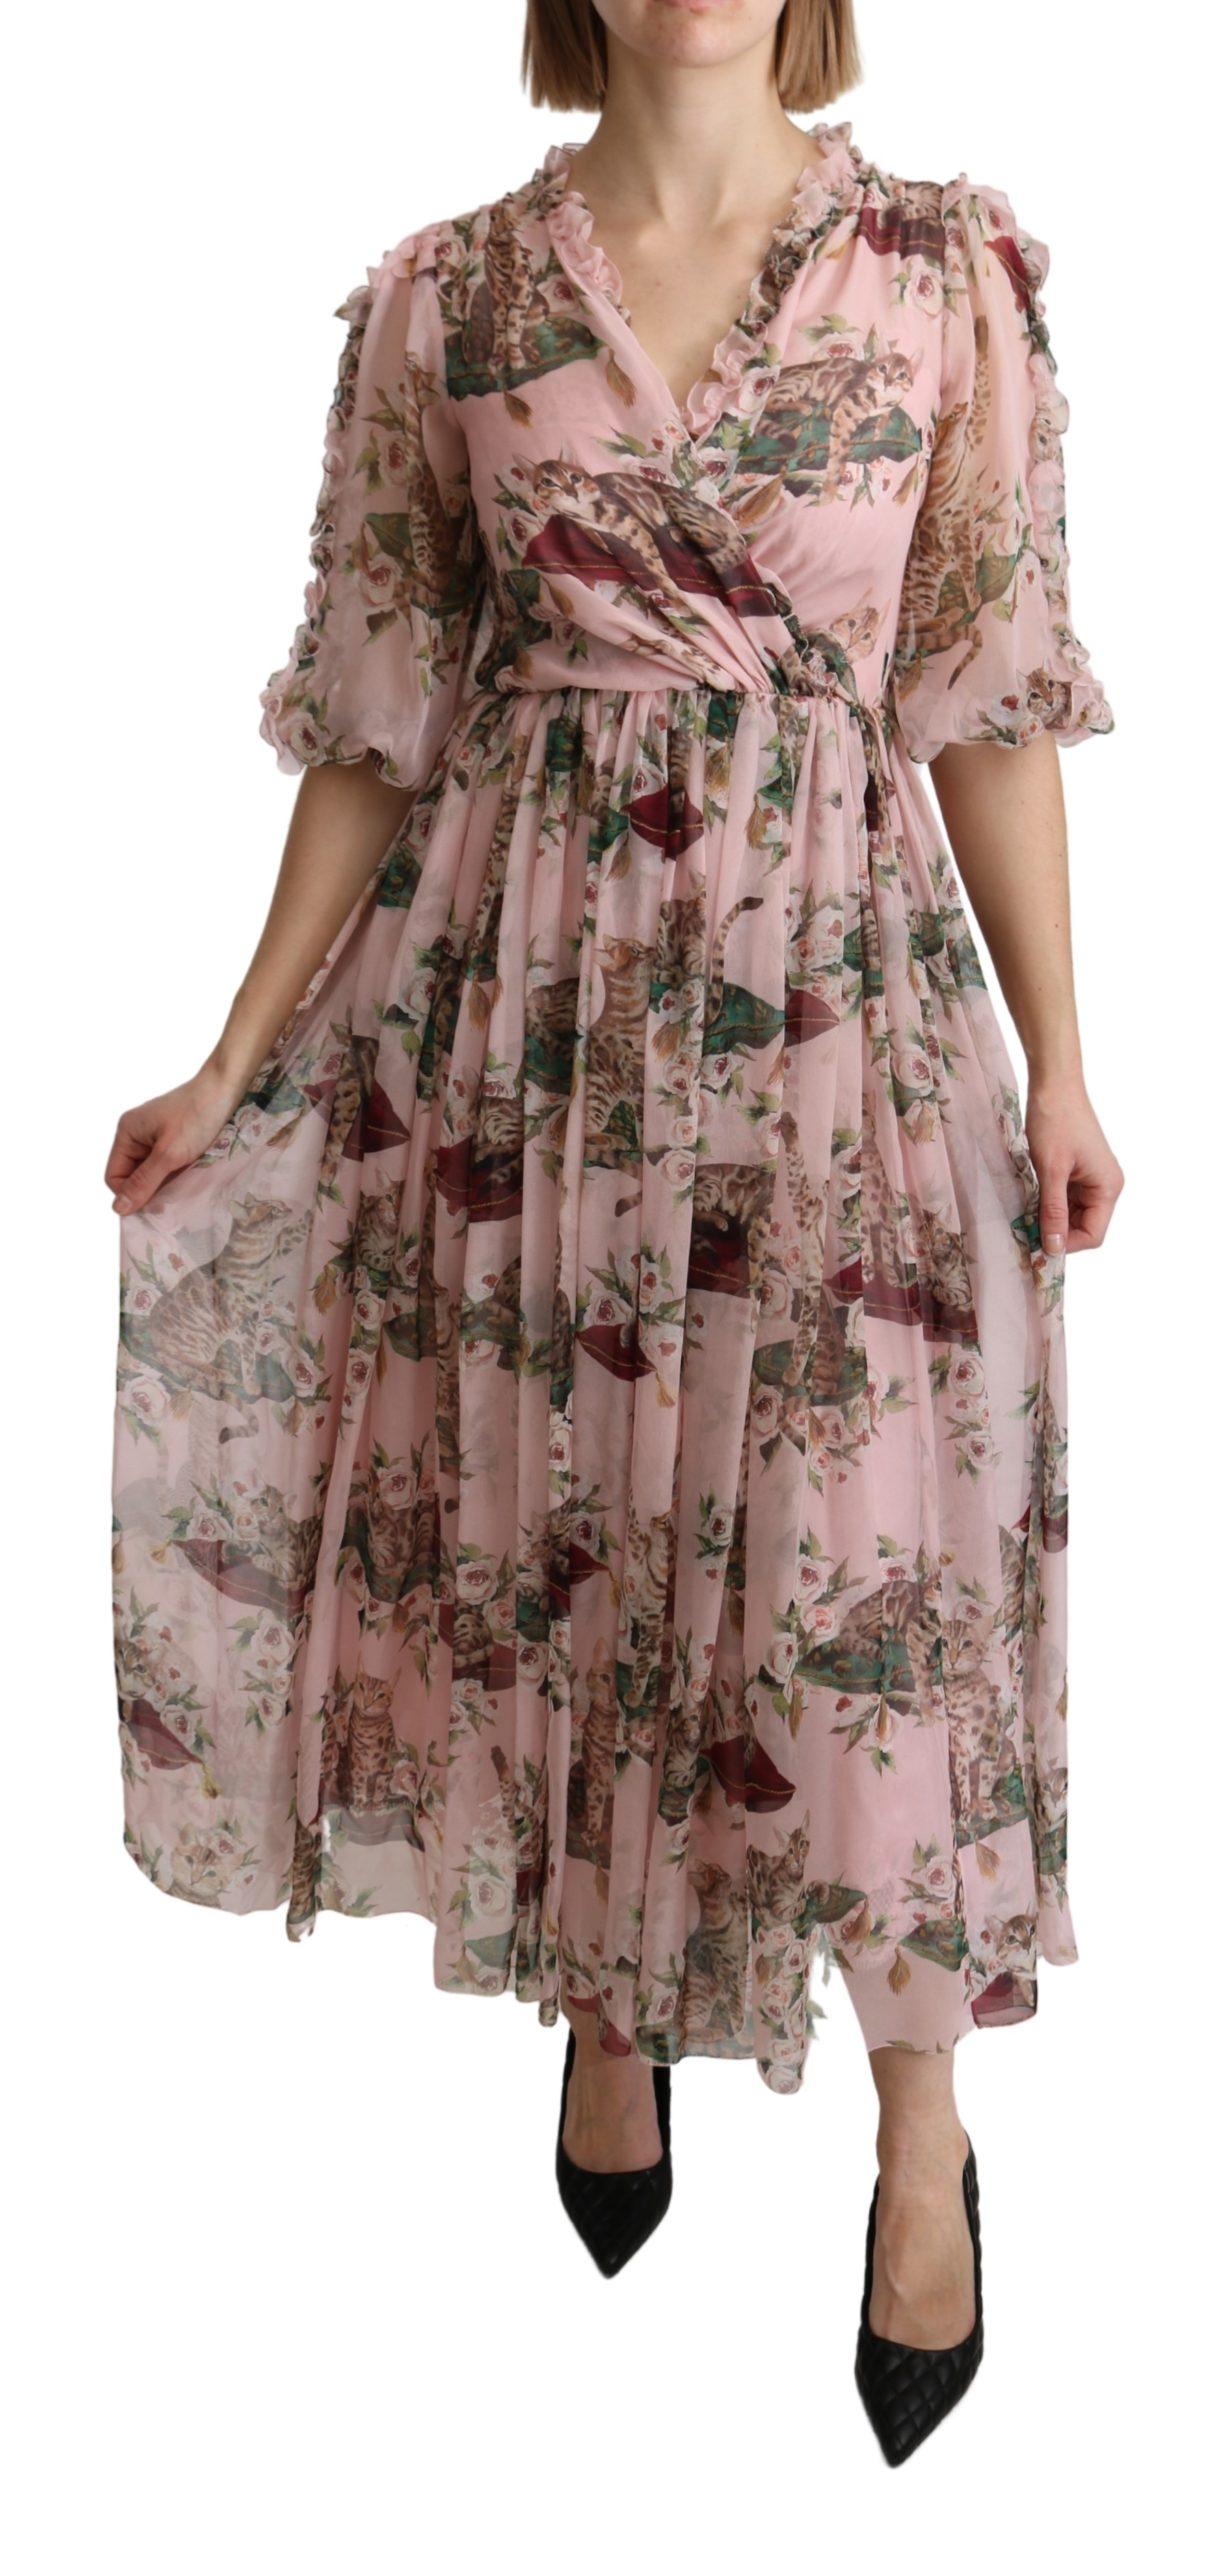 Dolce & Gabbana Women's Bengal Cat Print A-line Silk Dress Pink DR2604 - IT38|XS